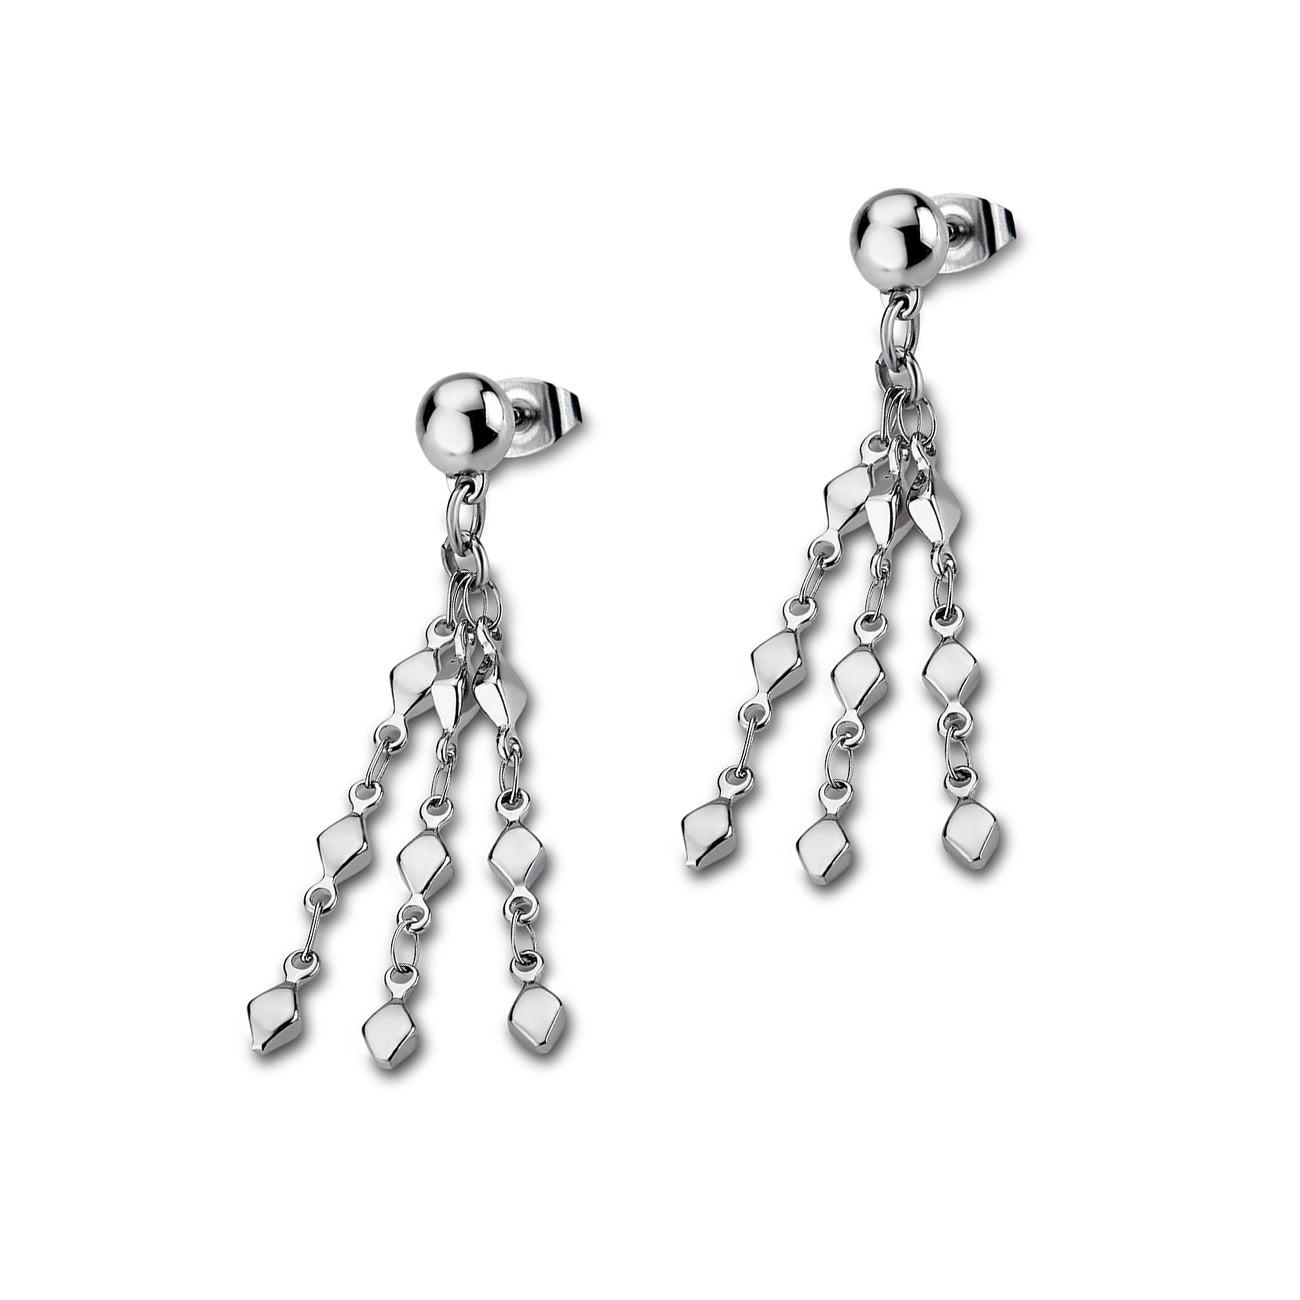 LOTUS Style Ohrringe Damen Edelstahl silber LS1764-4/1 Ohrhänger JLS1764-4-1